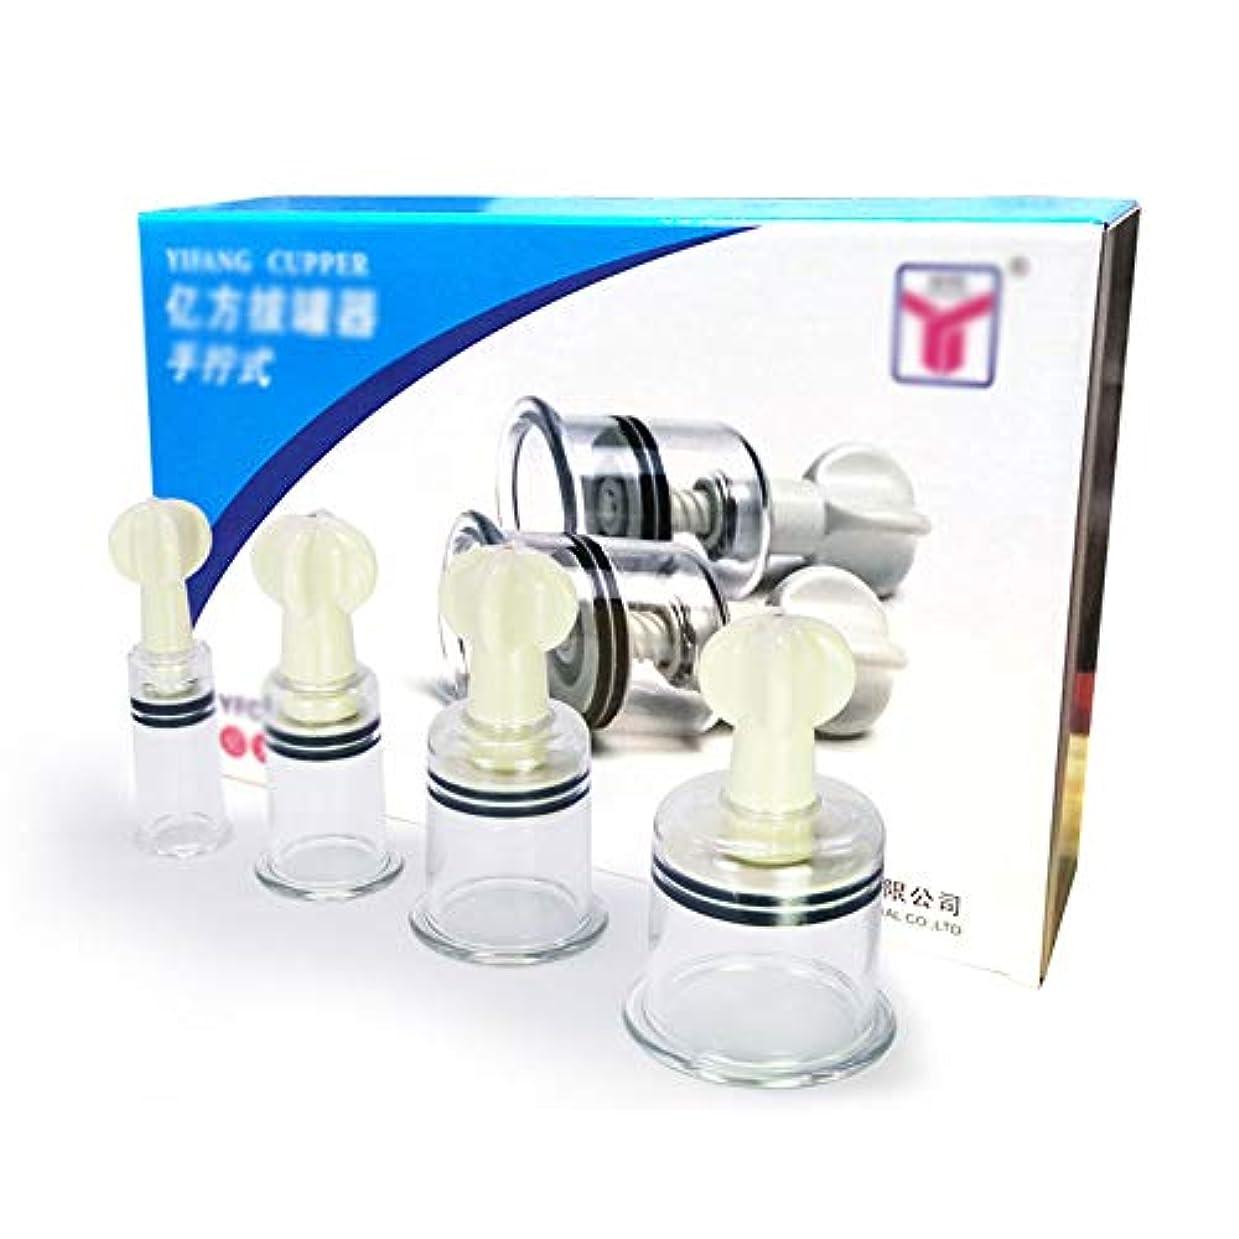 セッション証言する時折キャッピング装置 - マニュアルロータリープロップ治療装置4/12カップセット大人用非ポンピングガスシリンダー 美しさ (サイズ さいず : 4 cans)